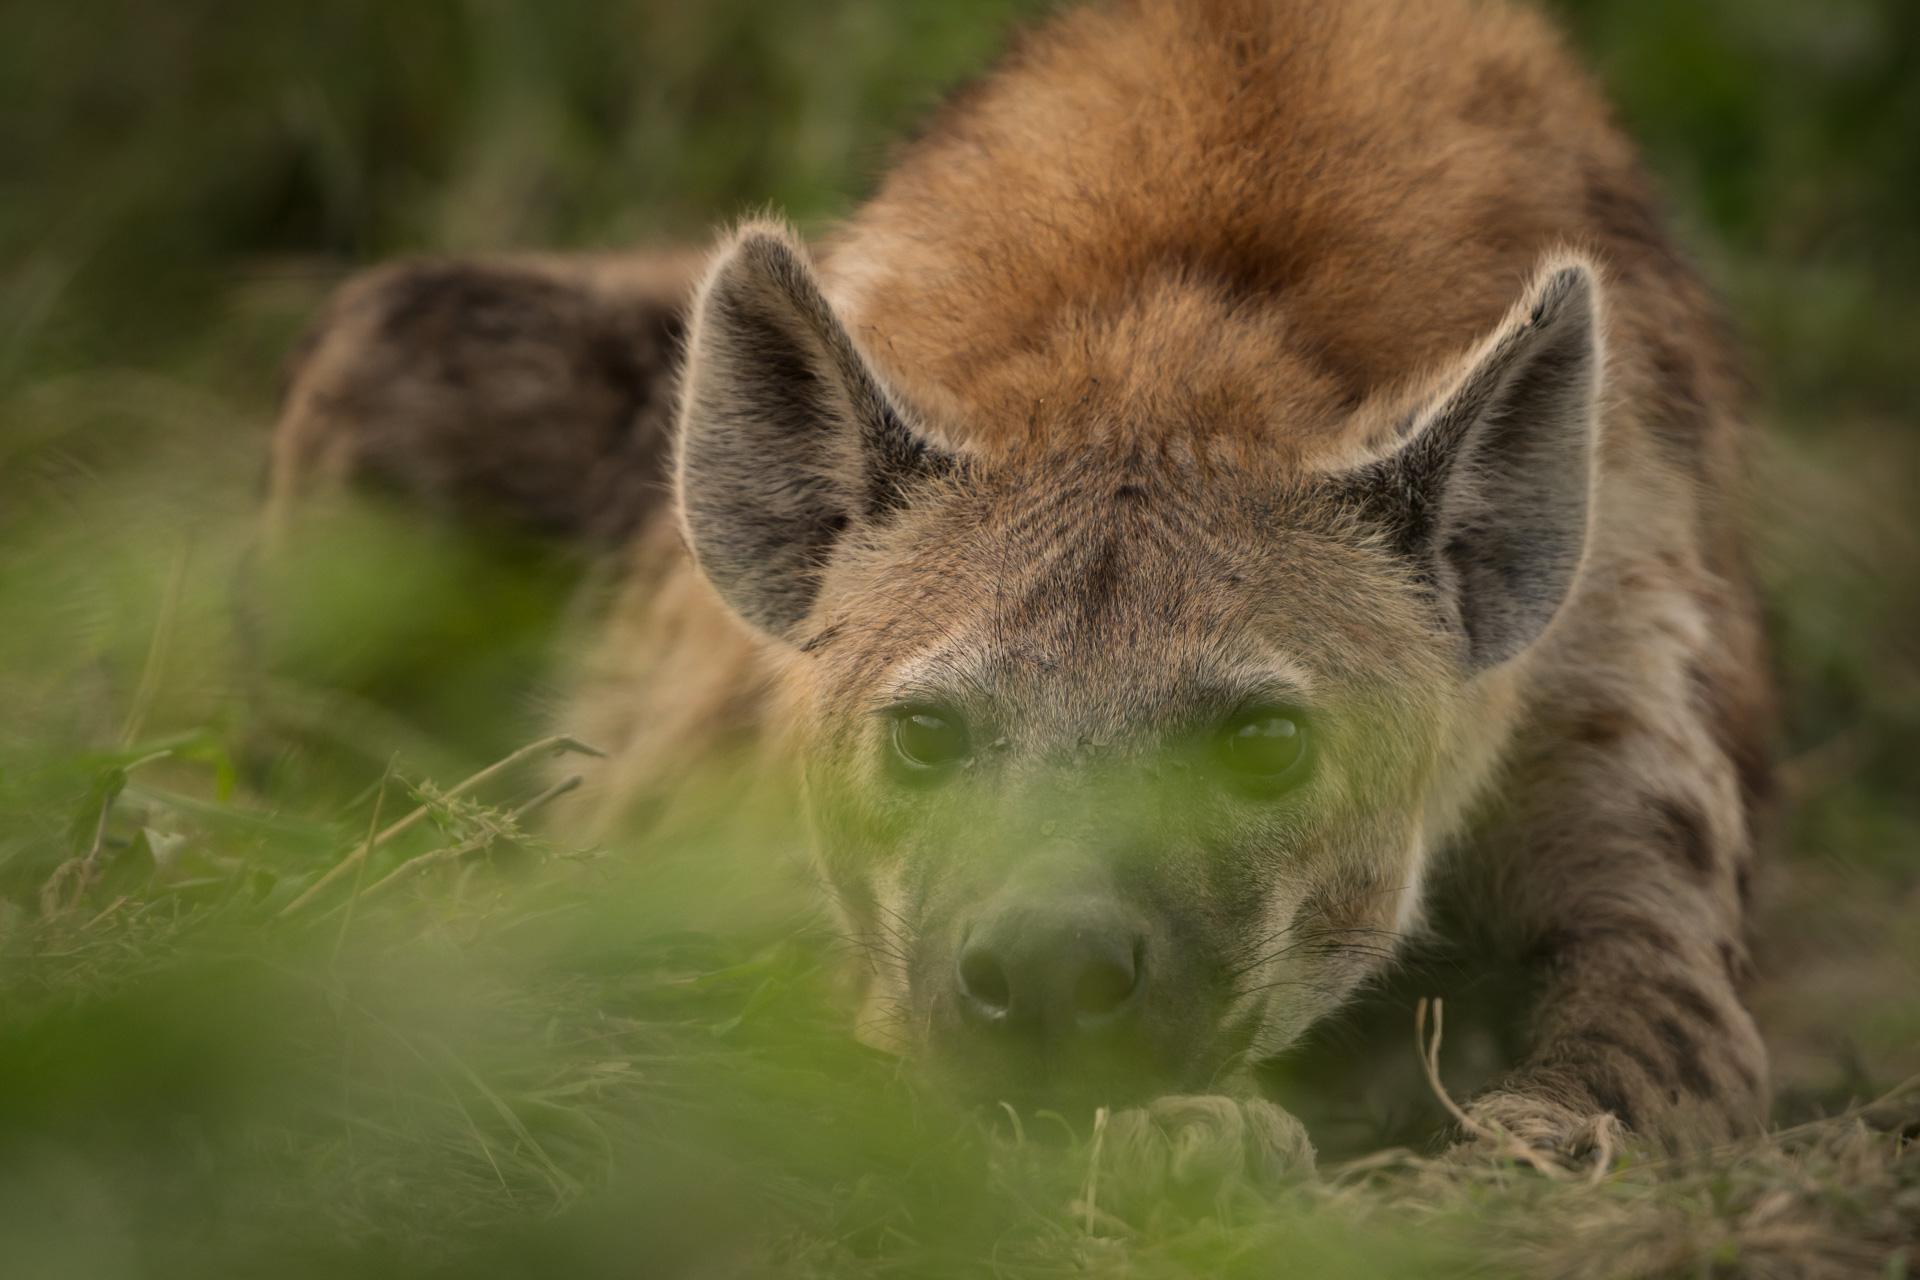 Hyena behind the grass